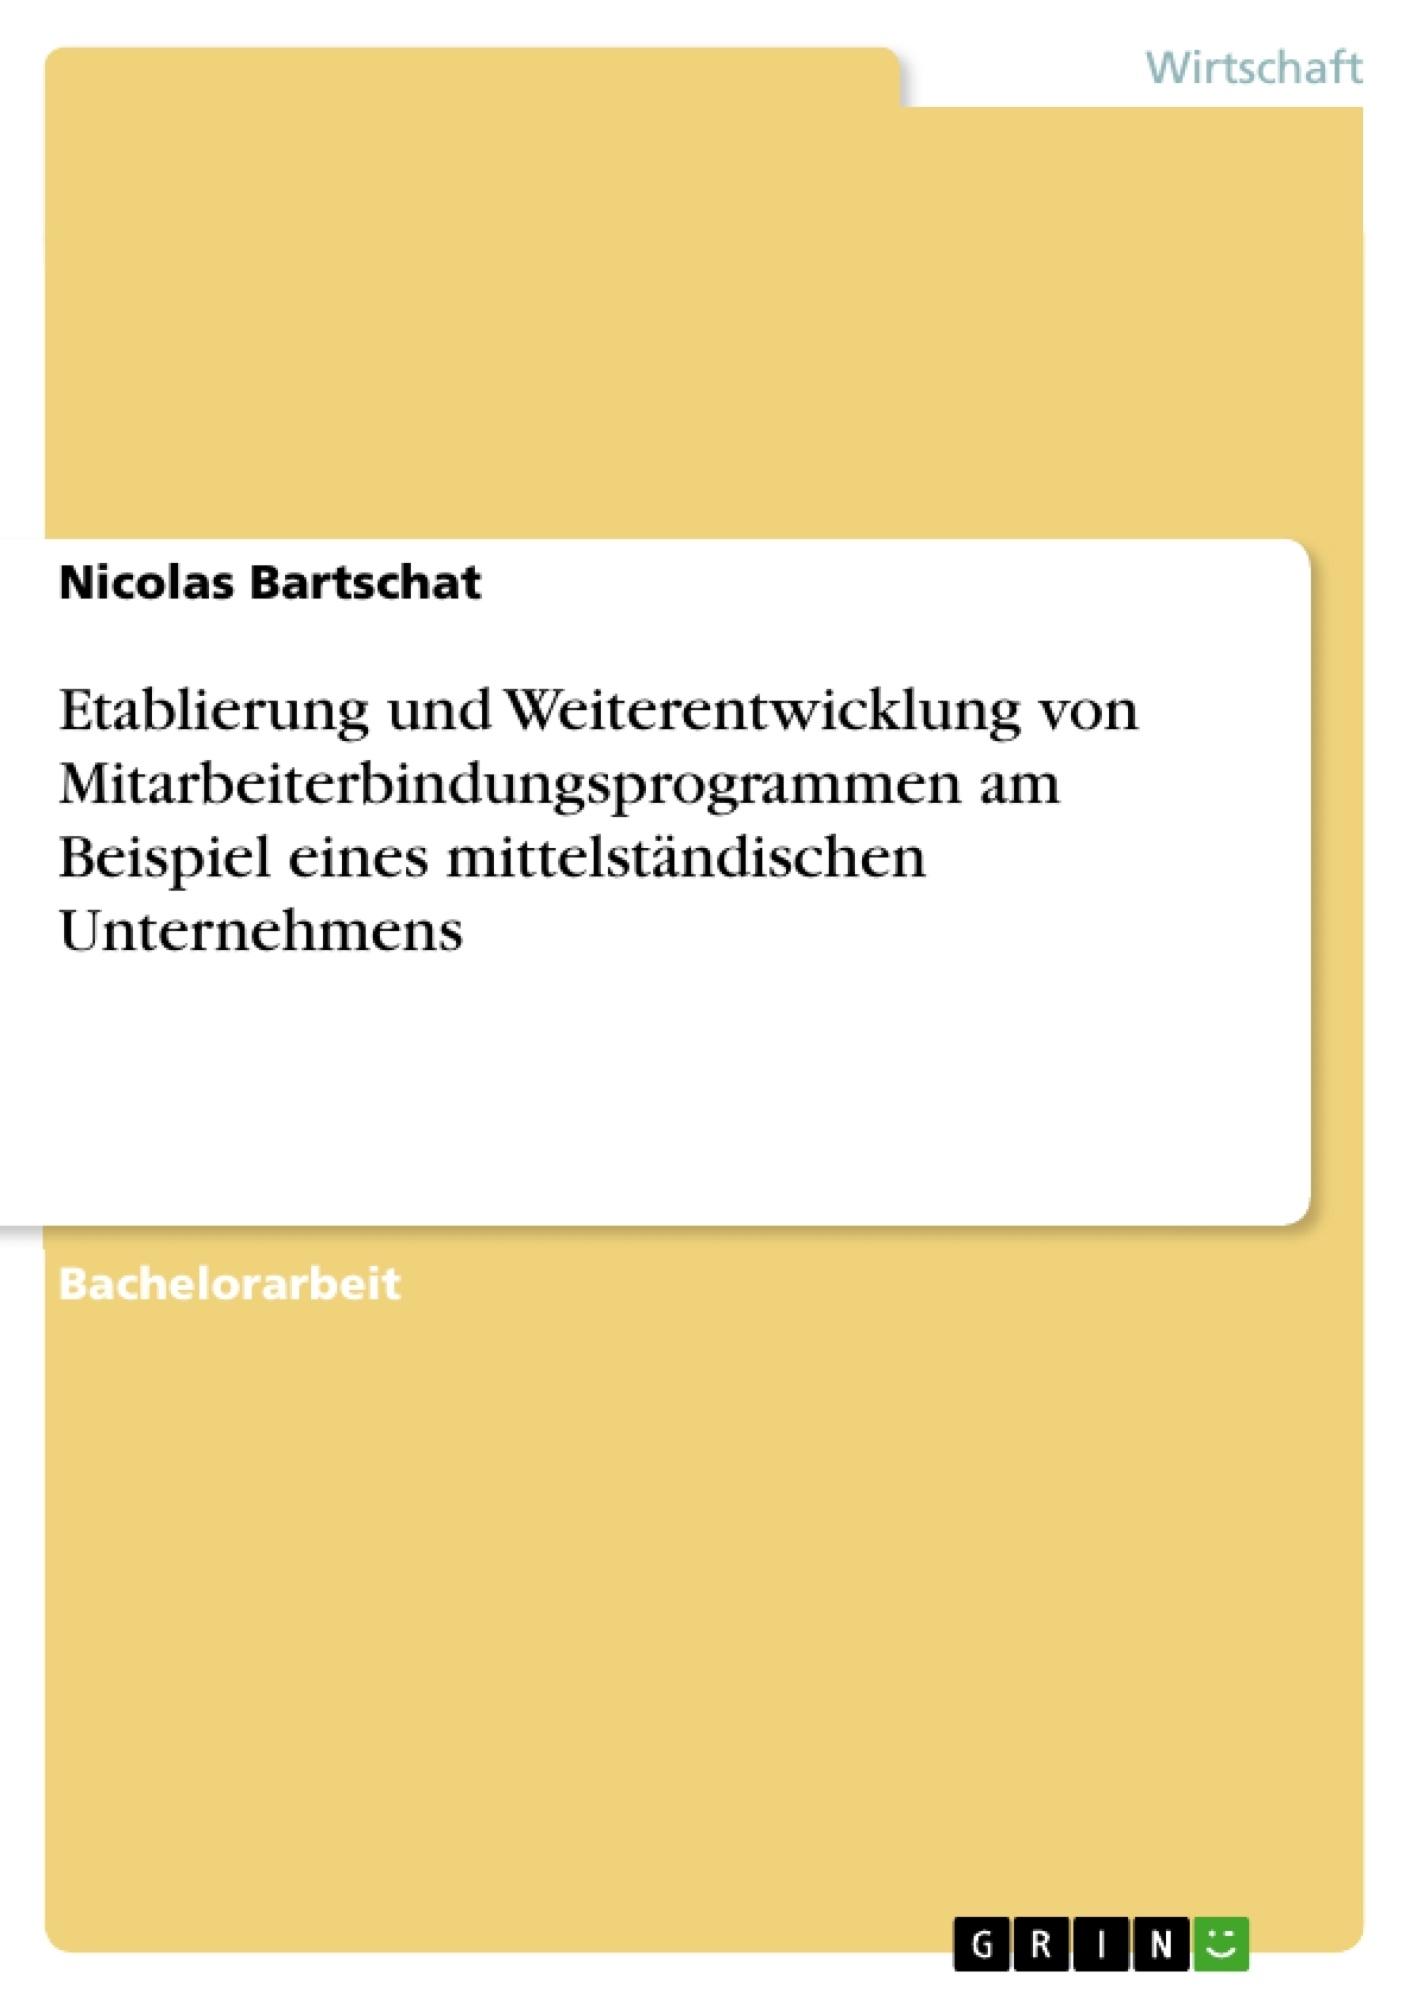 Titel: Etablierung und Weiterentwicklung von Mitarbeiterbindungsprogrammen am Beispiel eines mittelständischen Unternehmens